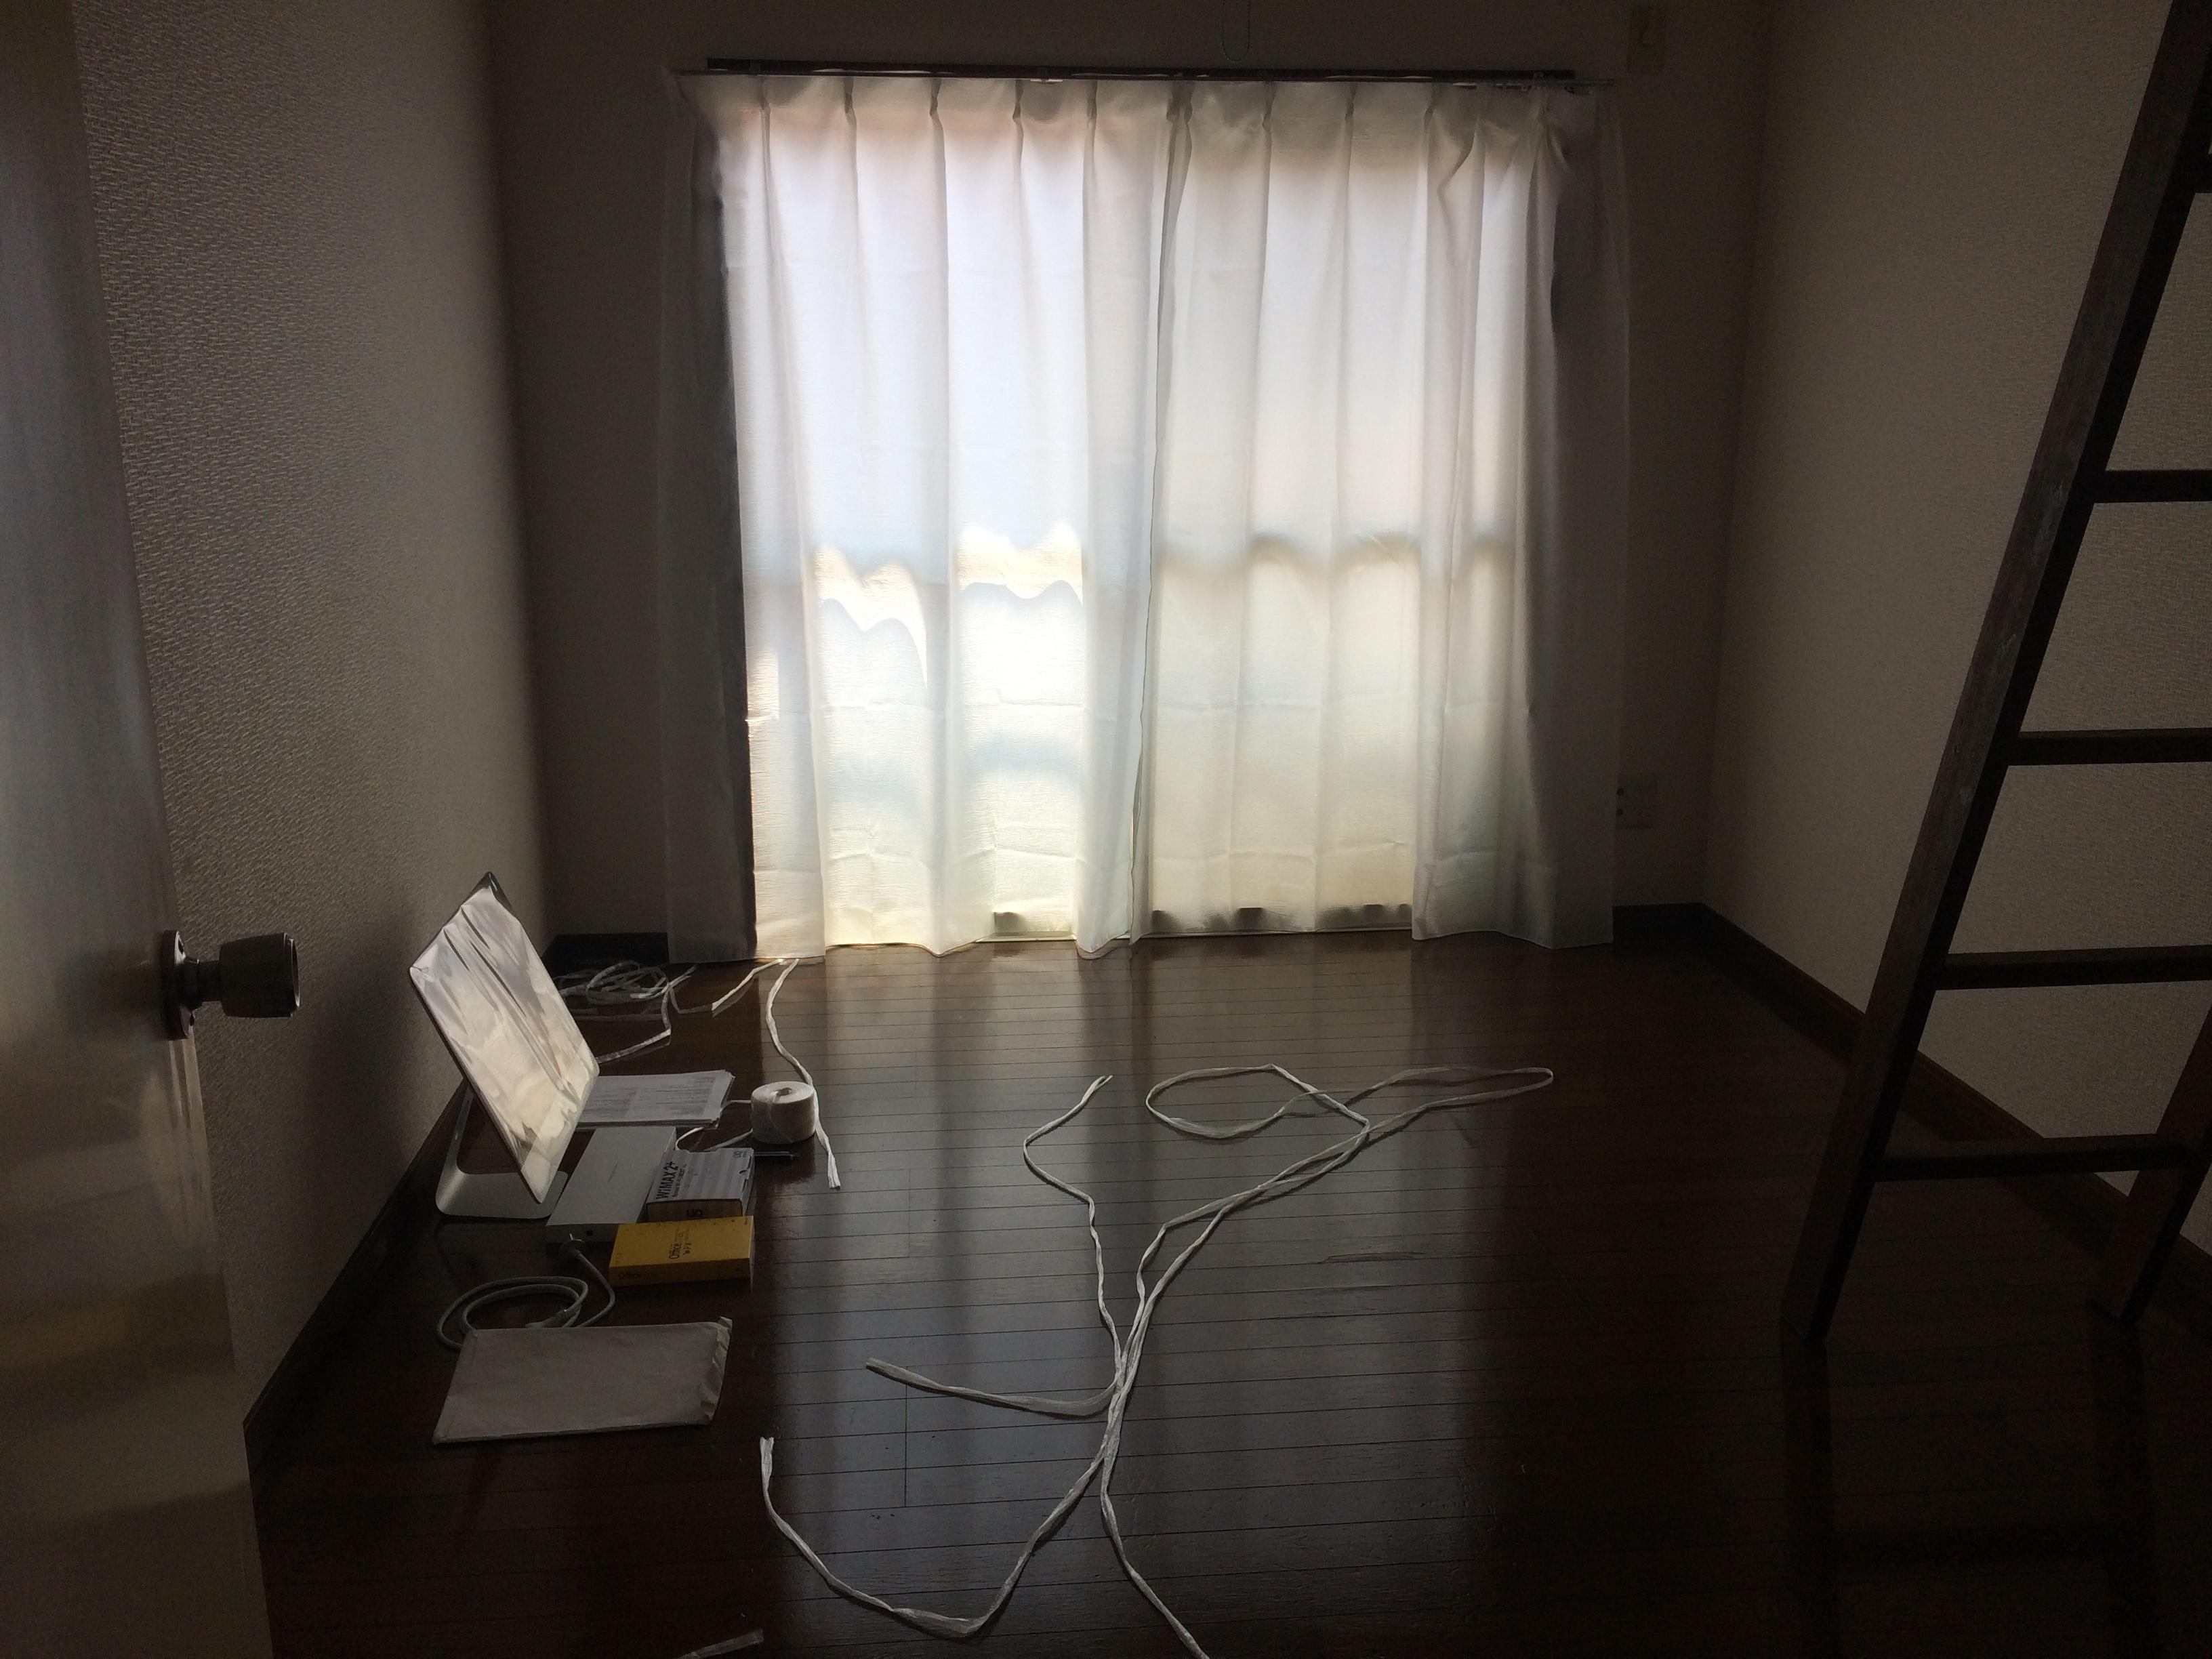 主婦をやめて一人暮らしを始めました(1)  「勉強部屋がなくなった!」編